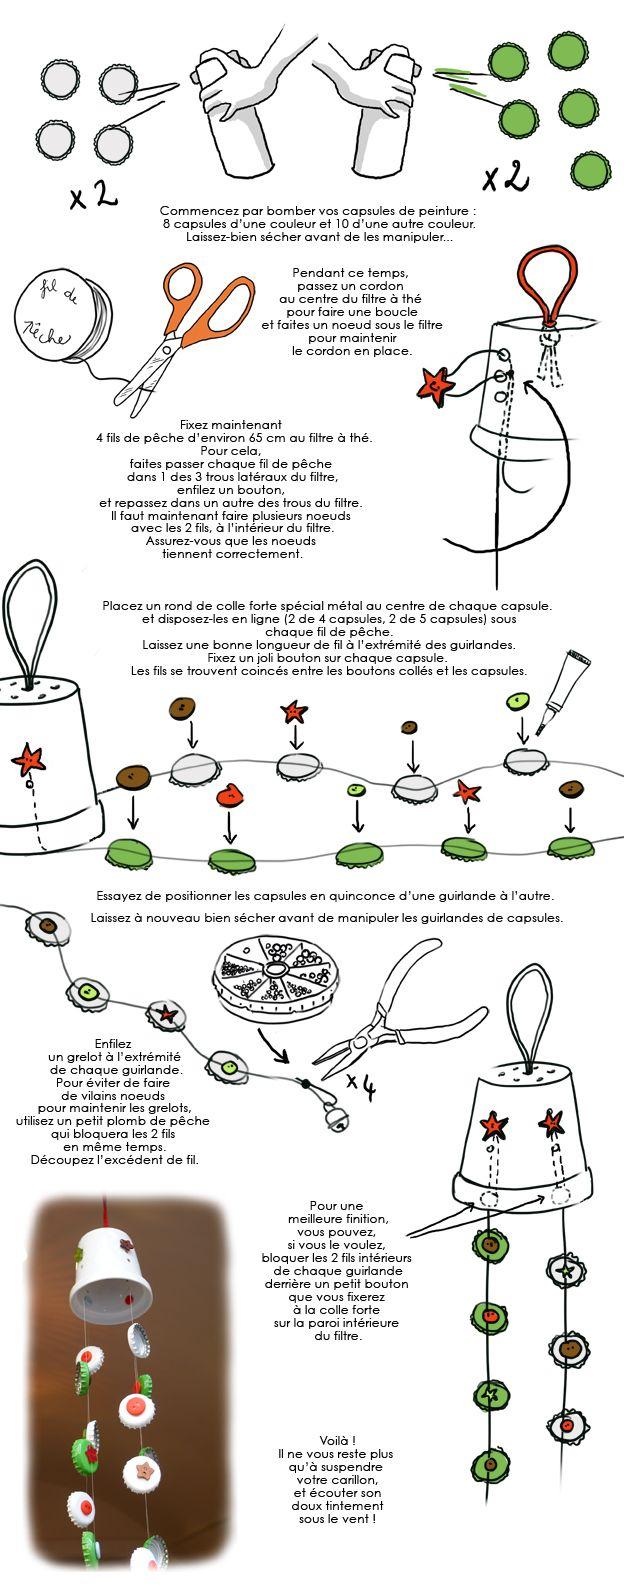 En dessin : réaliser un carillon avec des capsules de bière  http://www.deco.fr/loisirs-creatifs/actualite-719143-fabriquer-carillon-capsules-biere-dessin.html